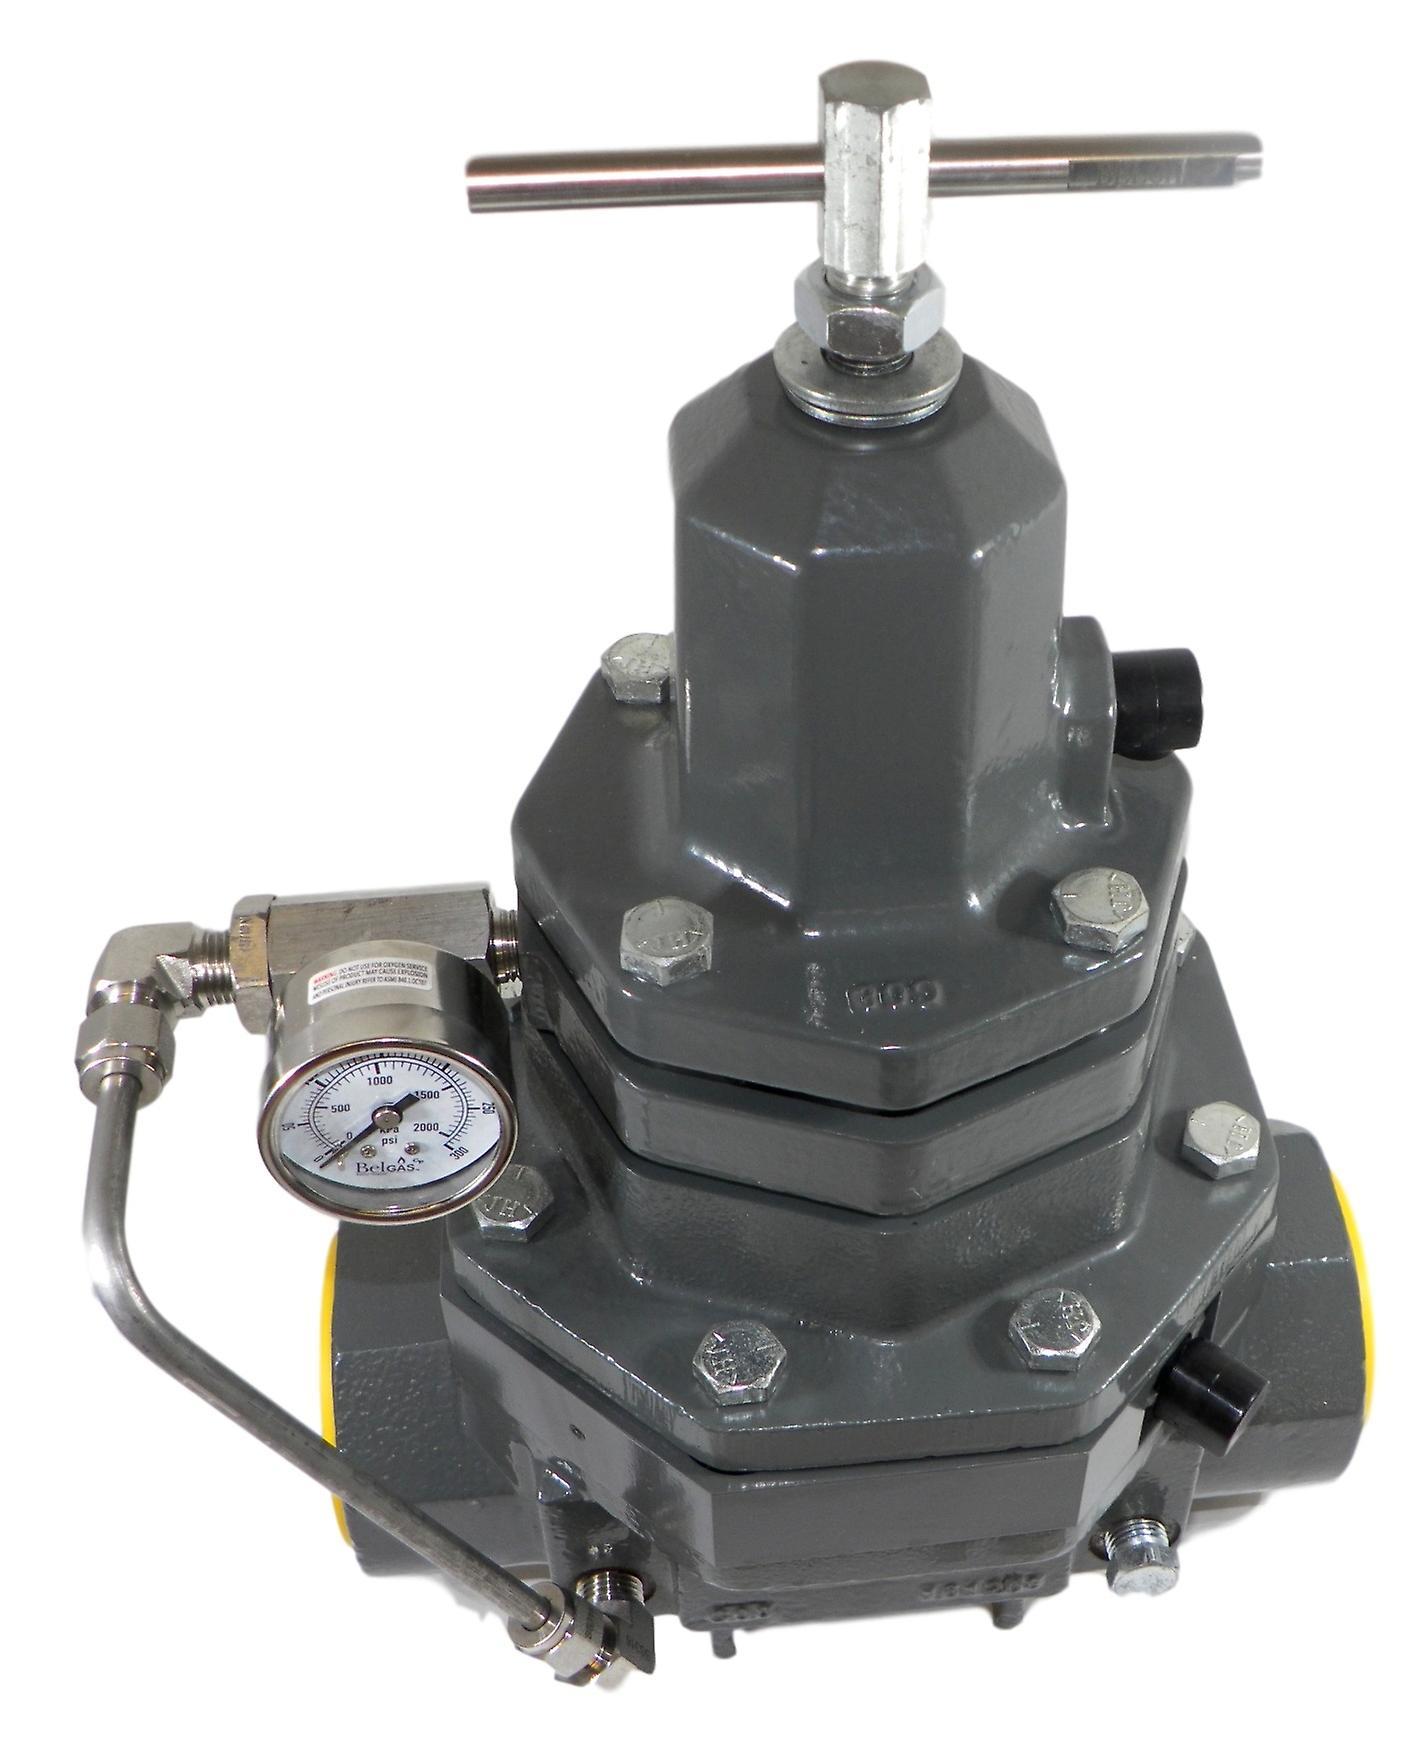 Belgas P530016SDT00N30 - P5300 2& 034; NPT Backpressure Regulator Nitrile 10-100 PSI